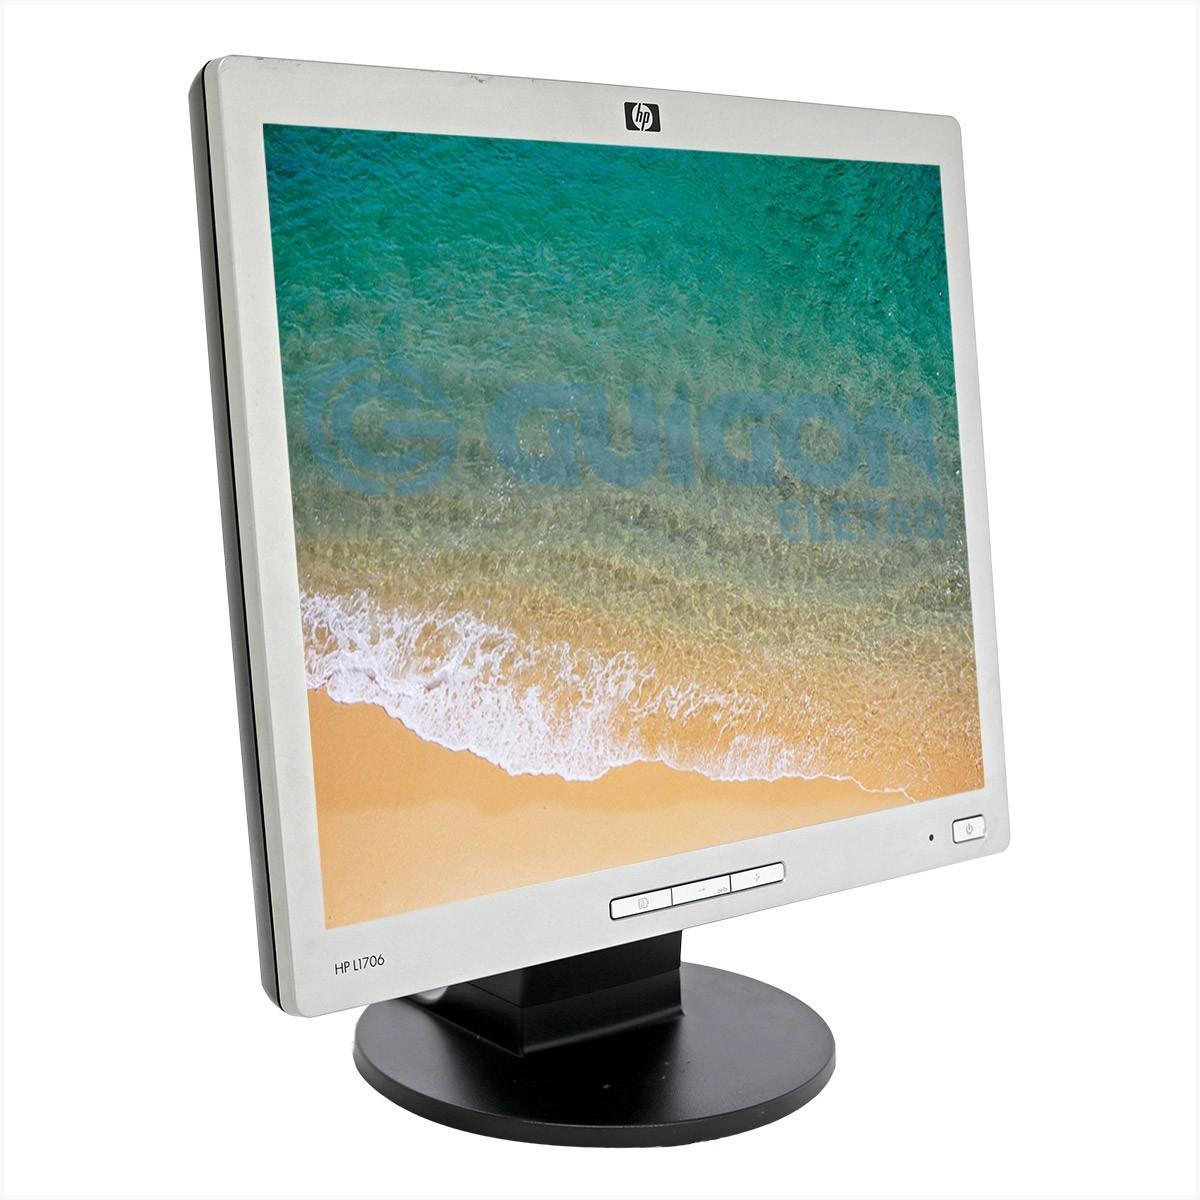 """Monitor HP L1706 17"""" - Usado"""